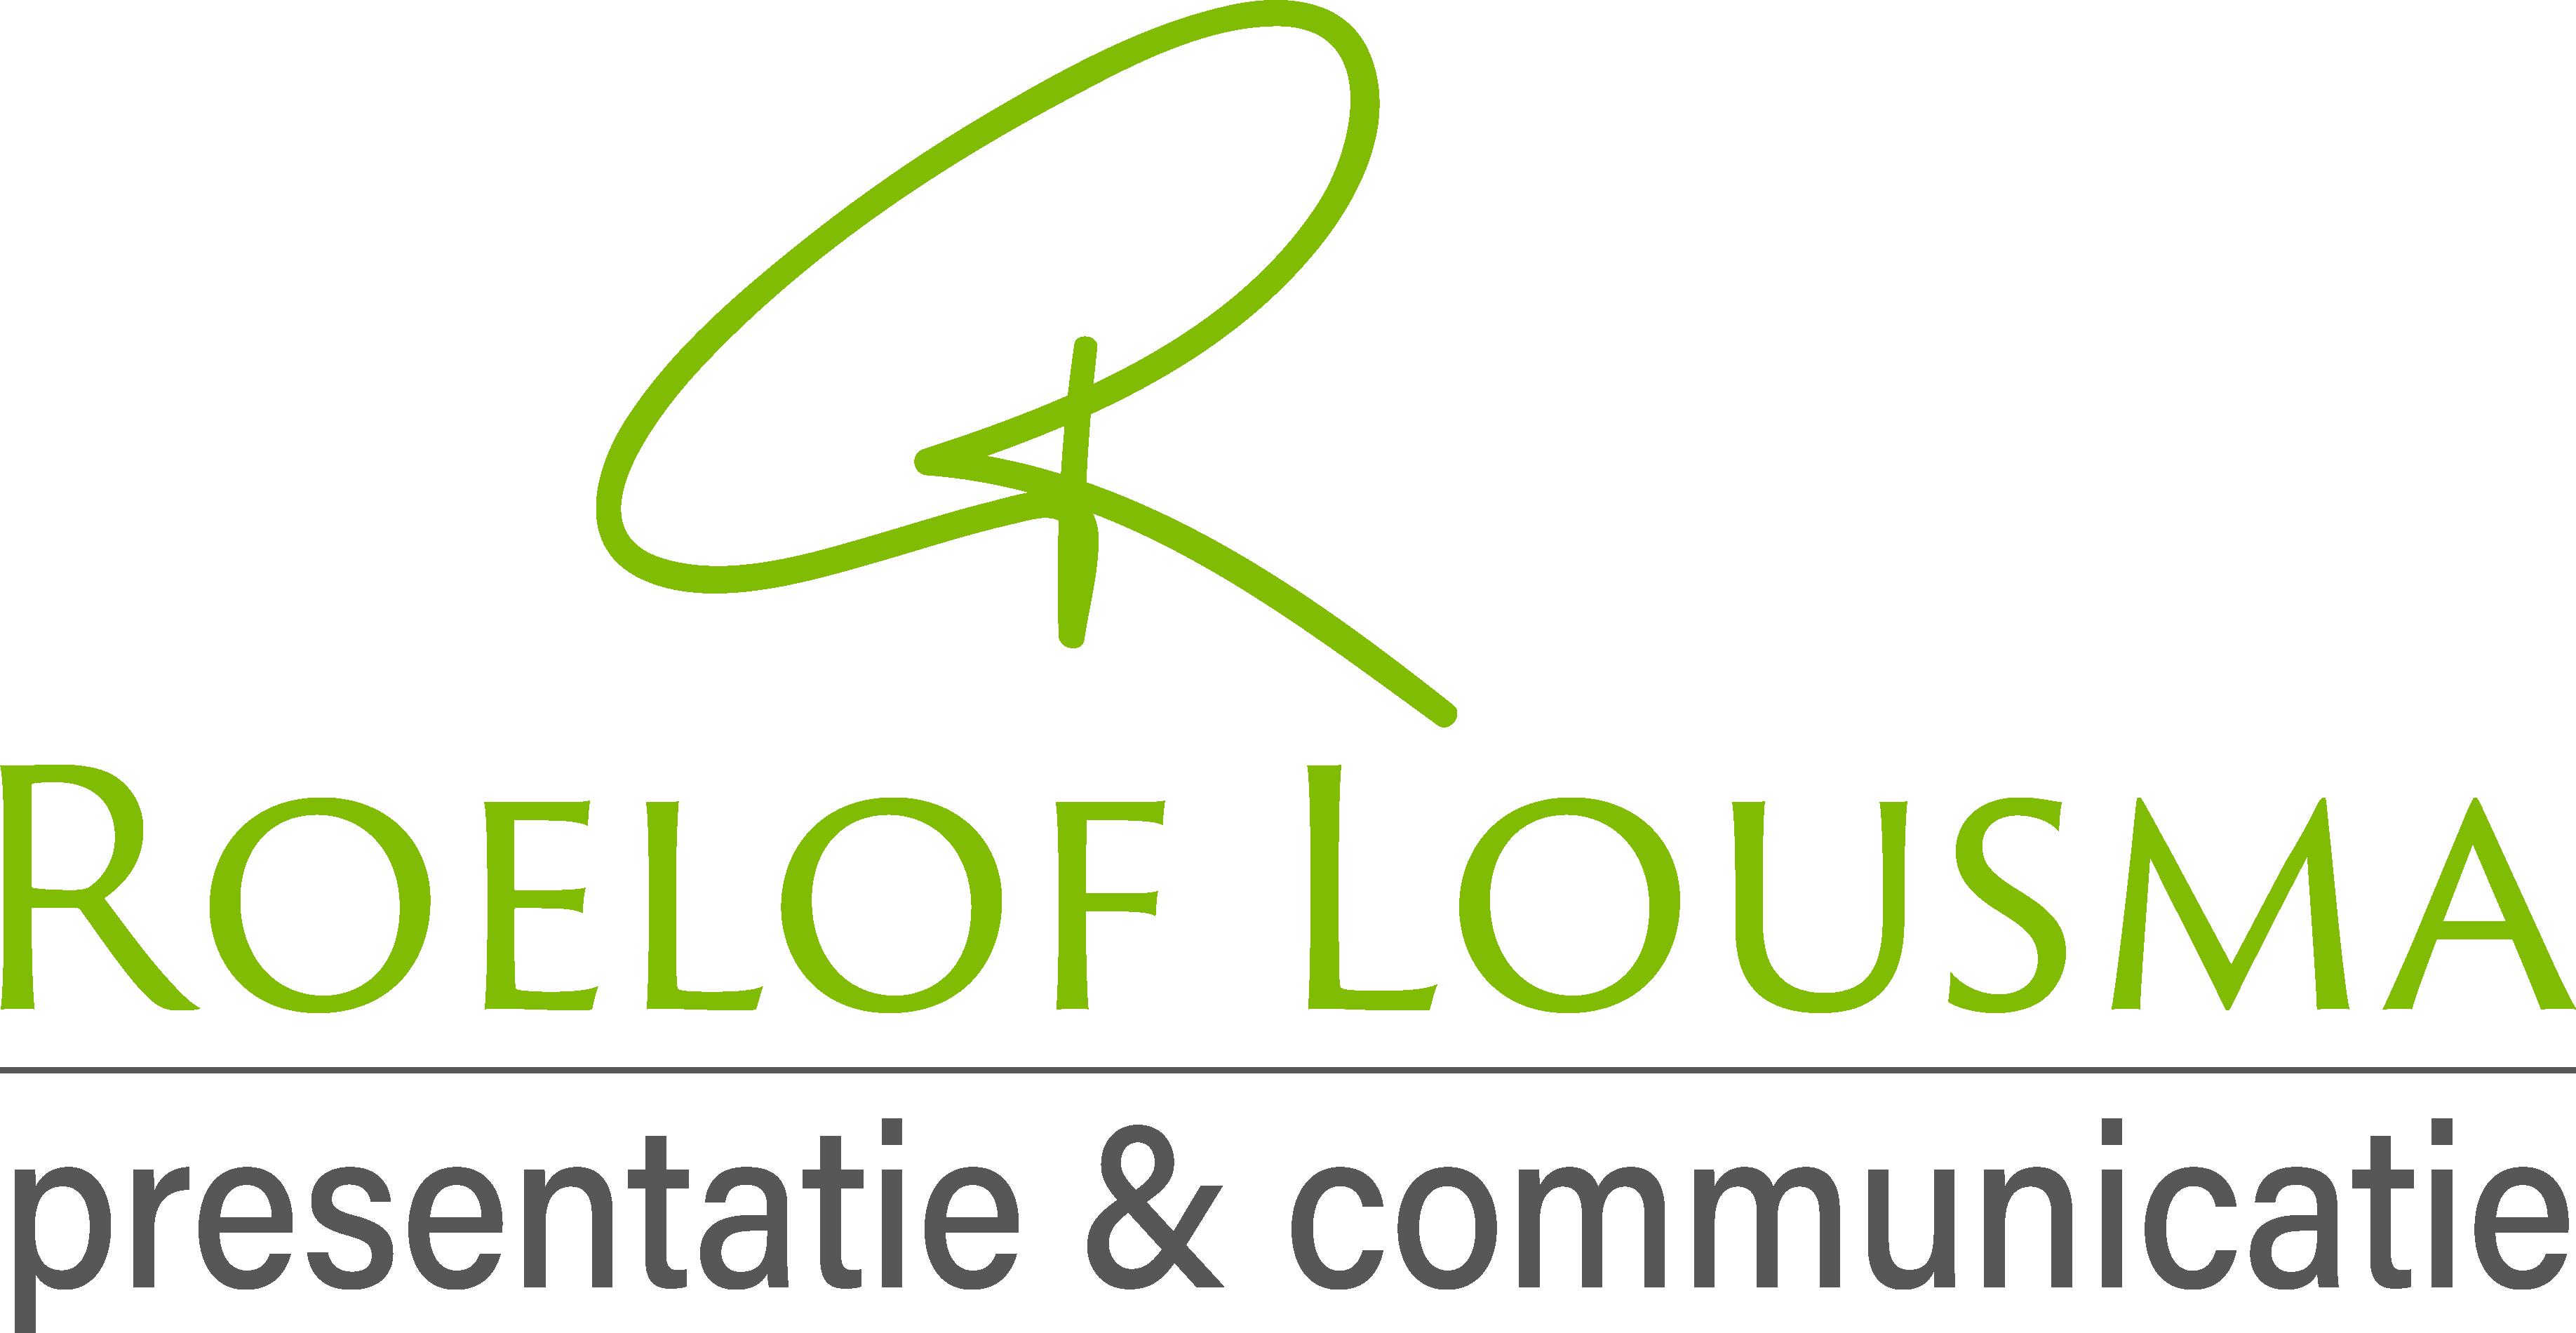 Roelof Lousma